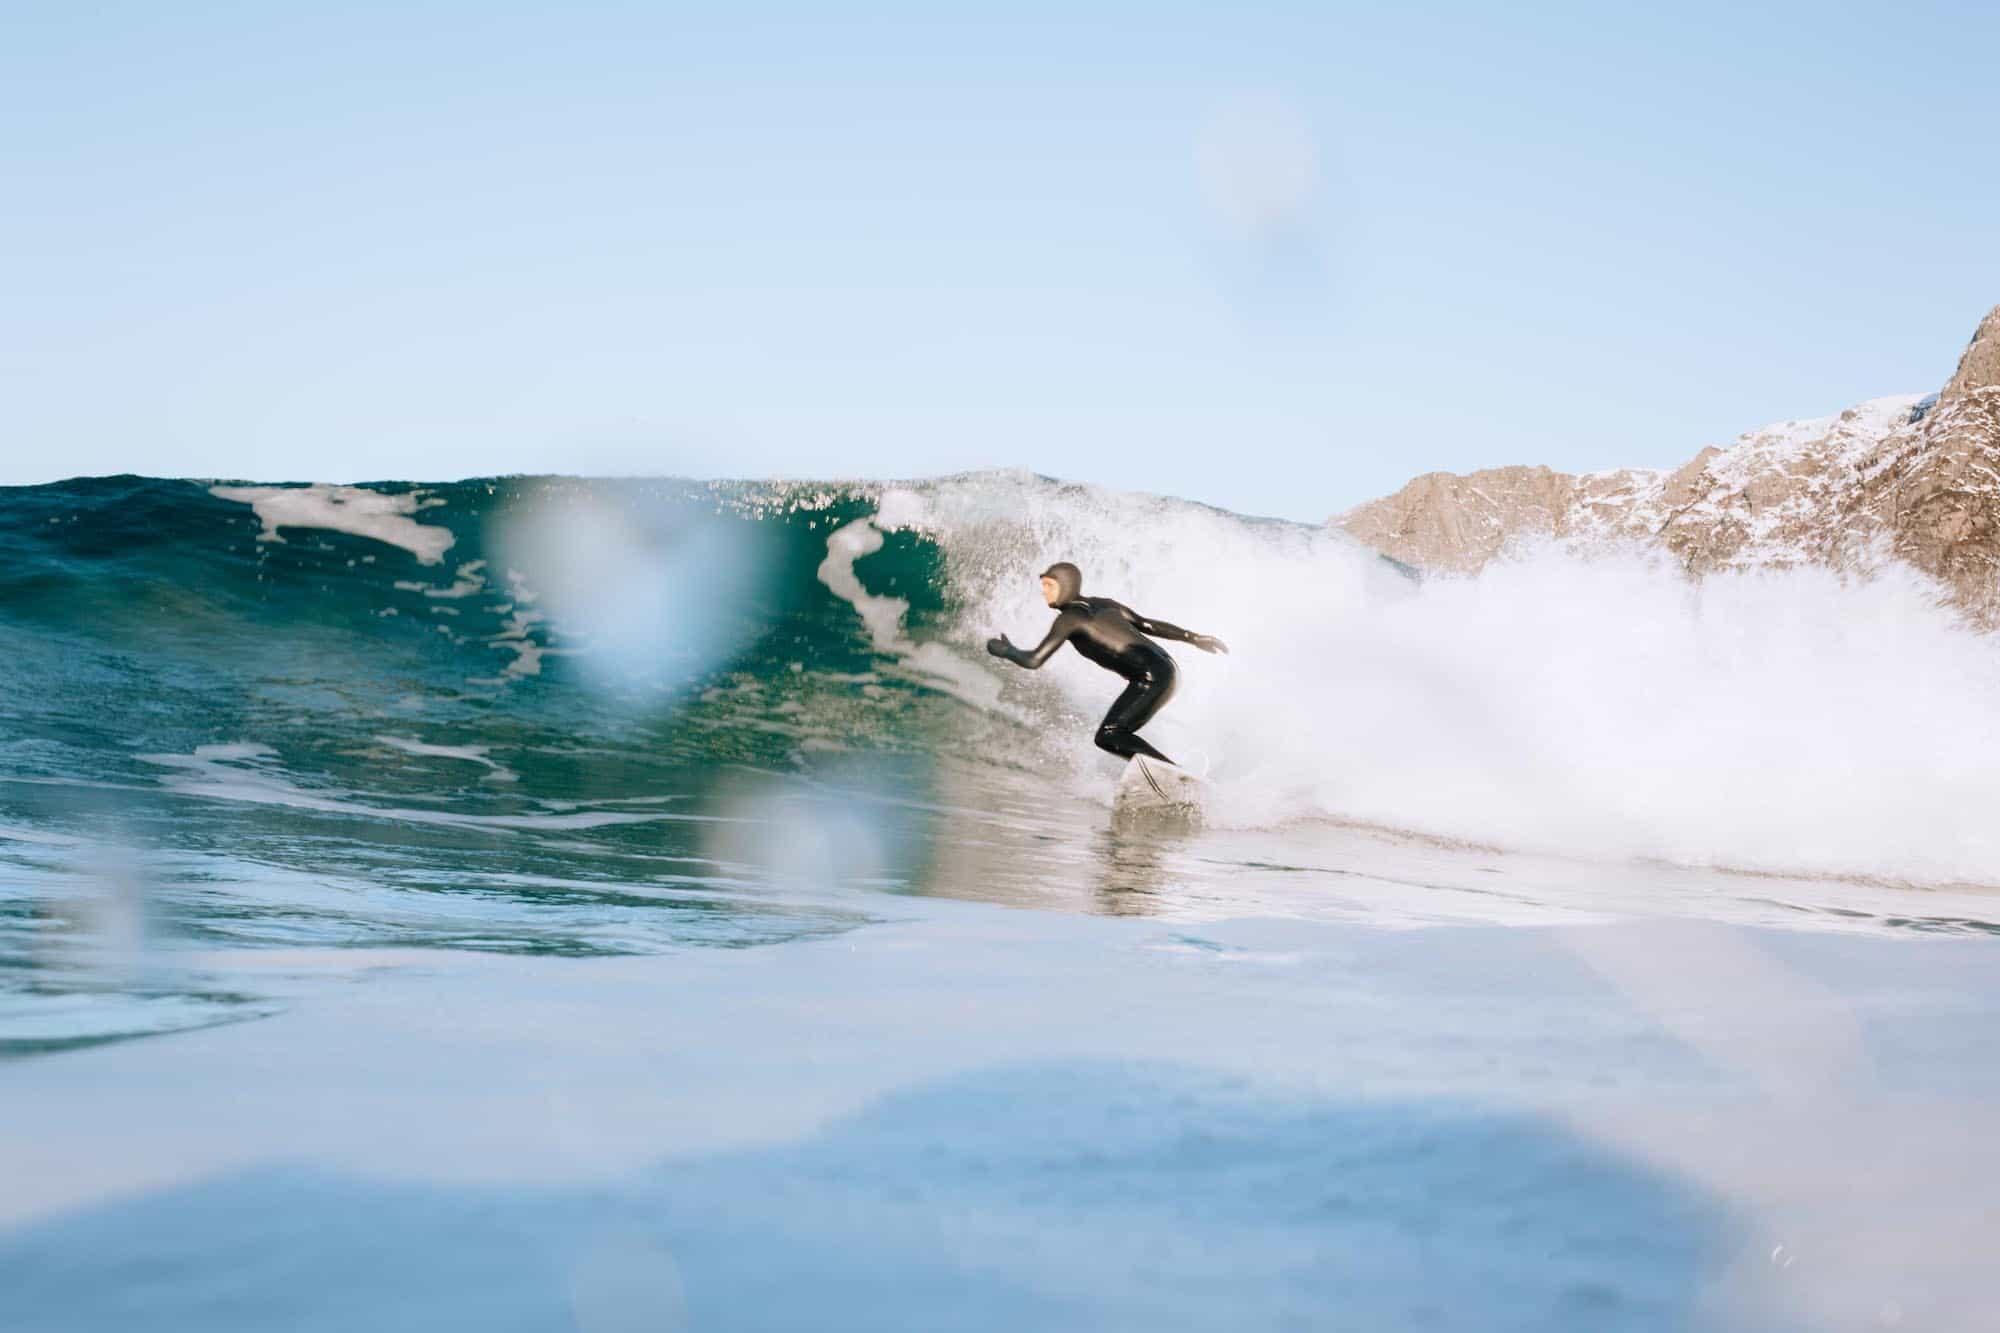 Heidi Neerby bottom turn med snølagte fjell i bagrunnen